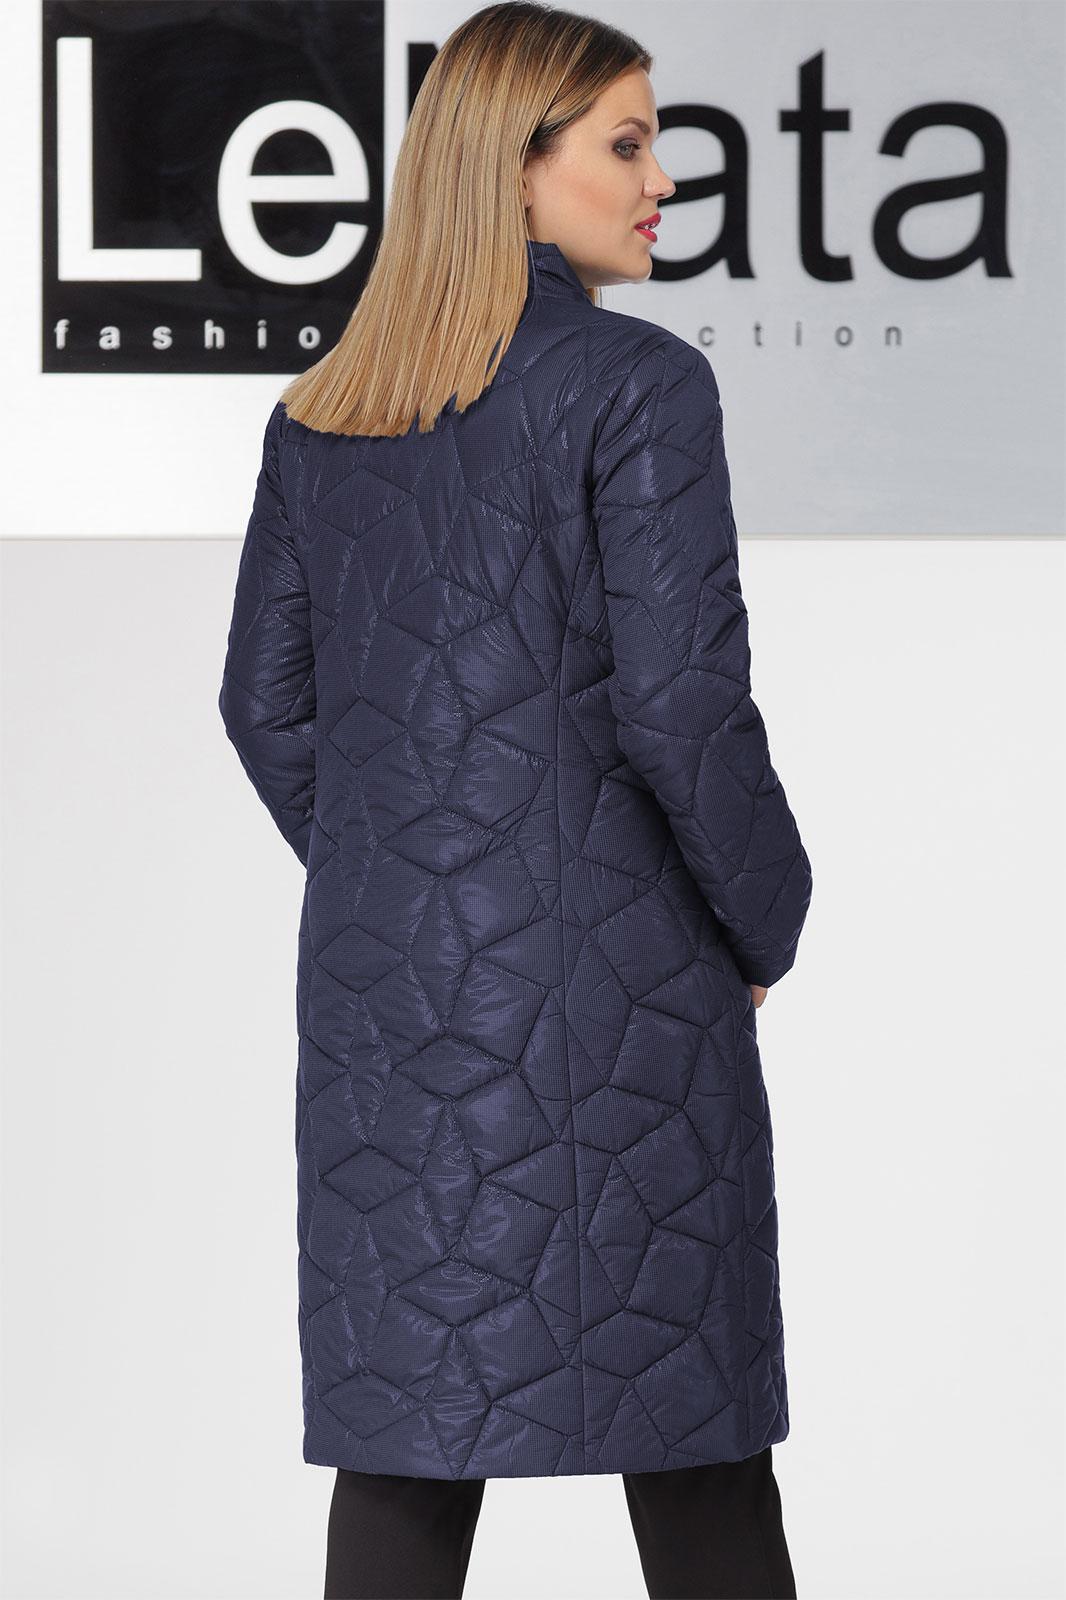 Пальто LeNata, темно-синий (модель 11932) — Белорусский трикотаж в ... 9c61519e52d